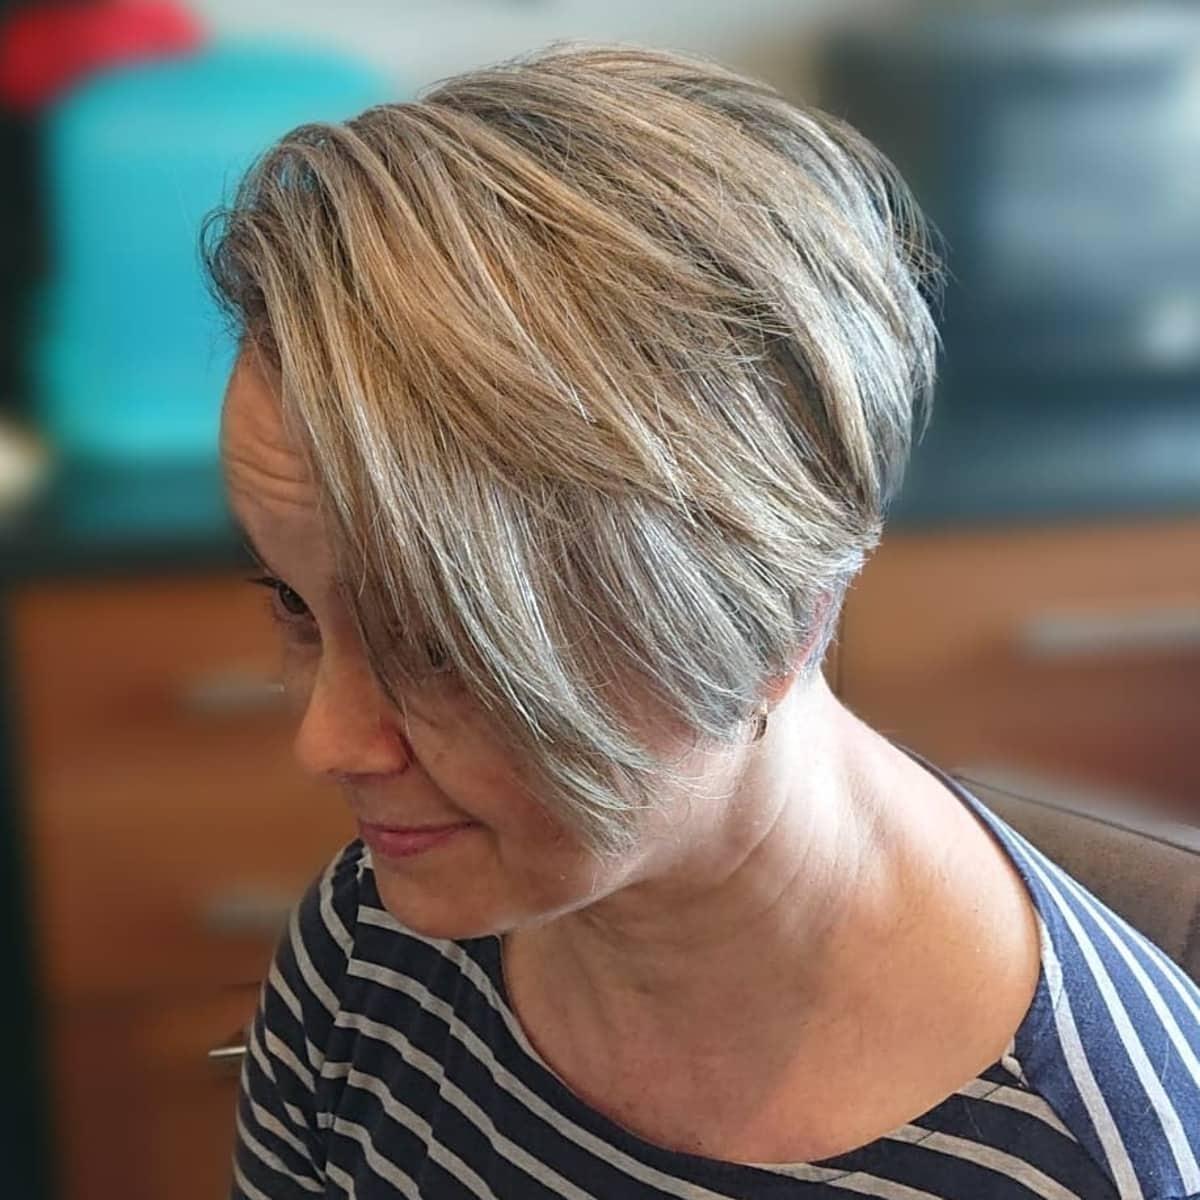 Coupe pixie longue Wash-and-go pour les femmes de plus de 50 ans aux visages ronds.